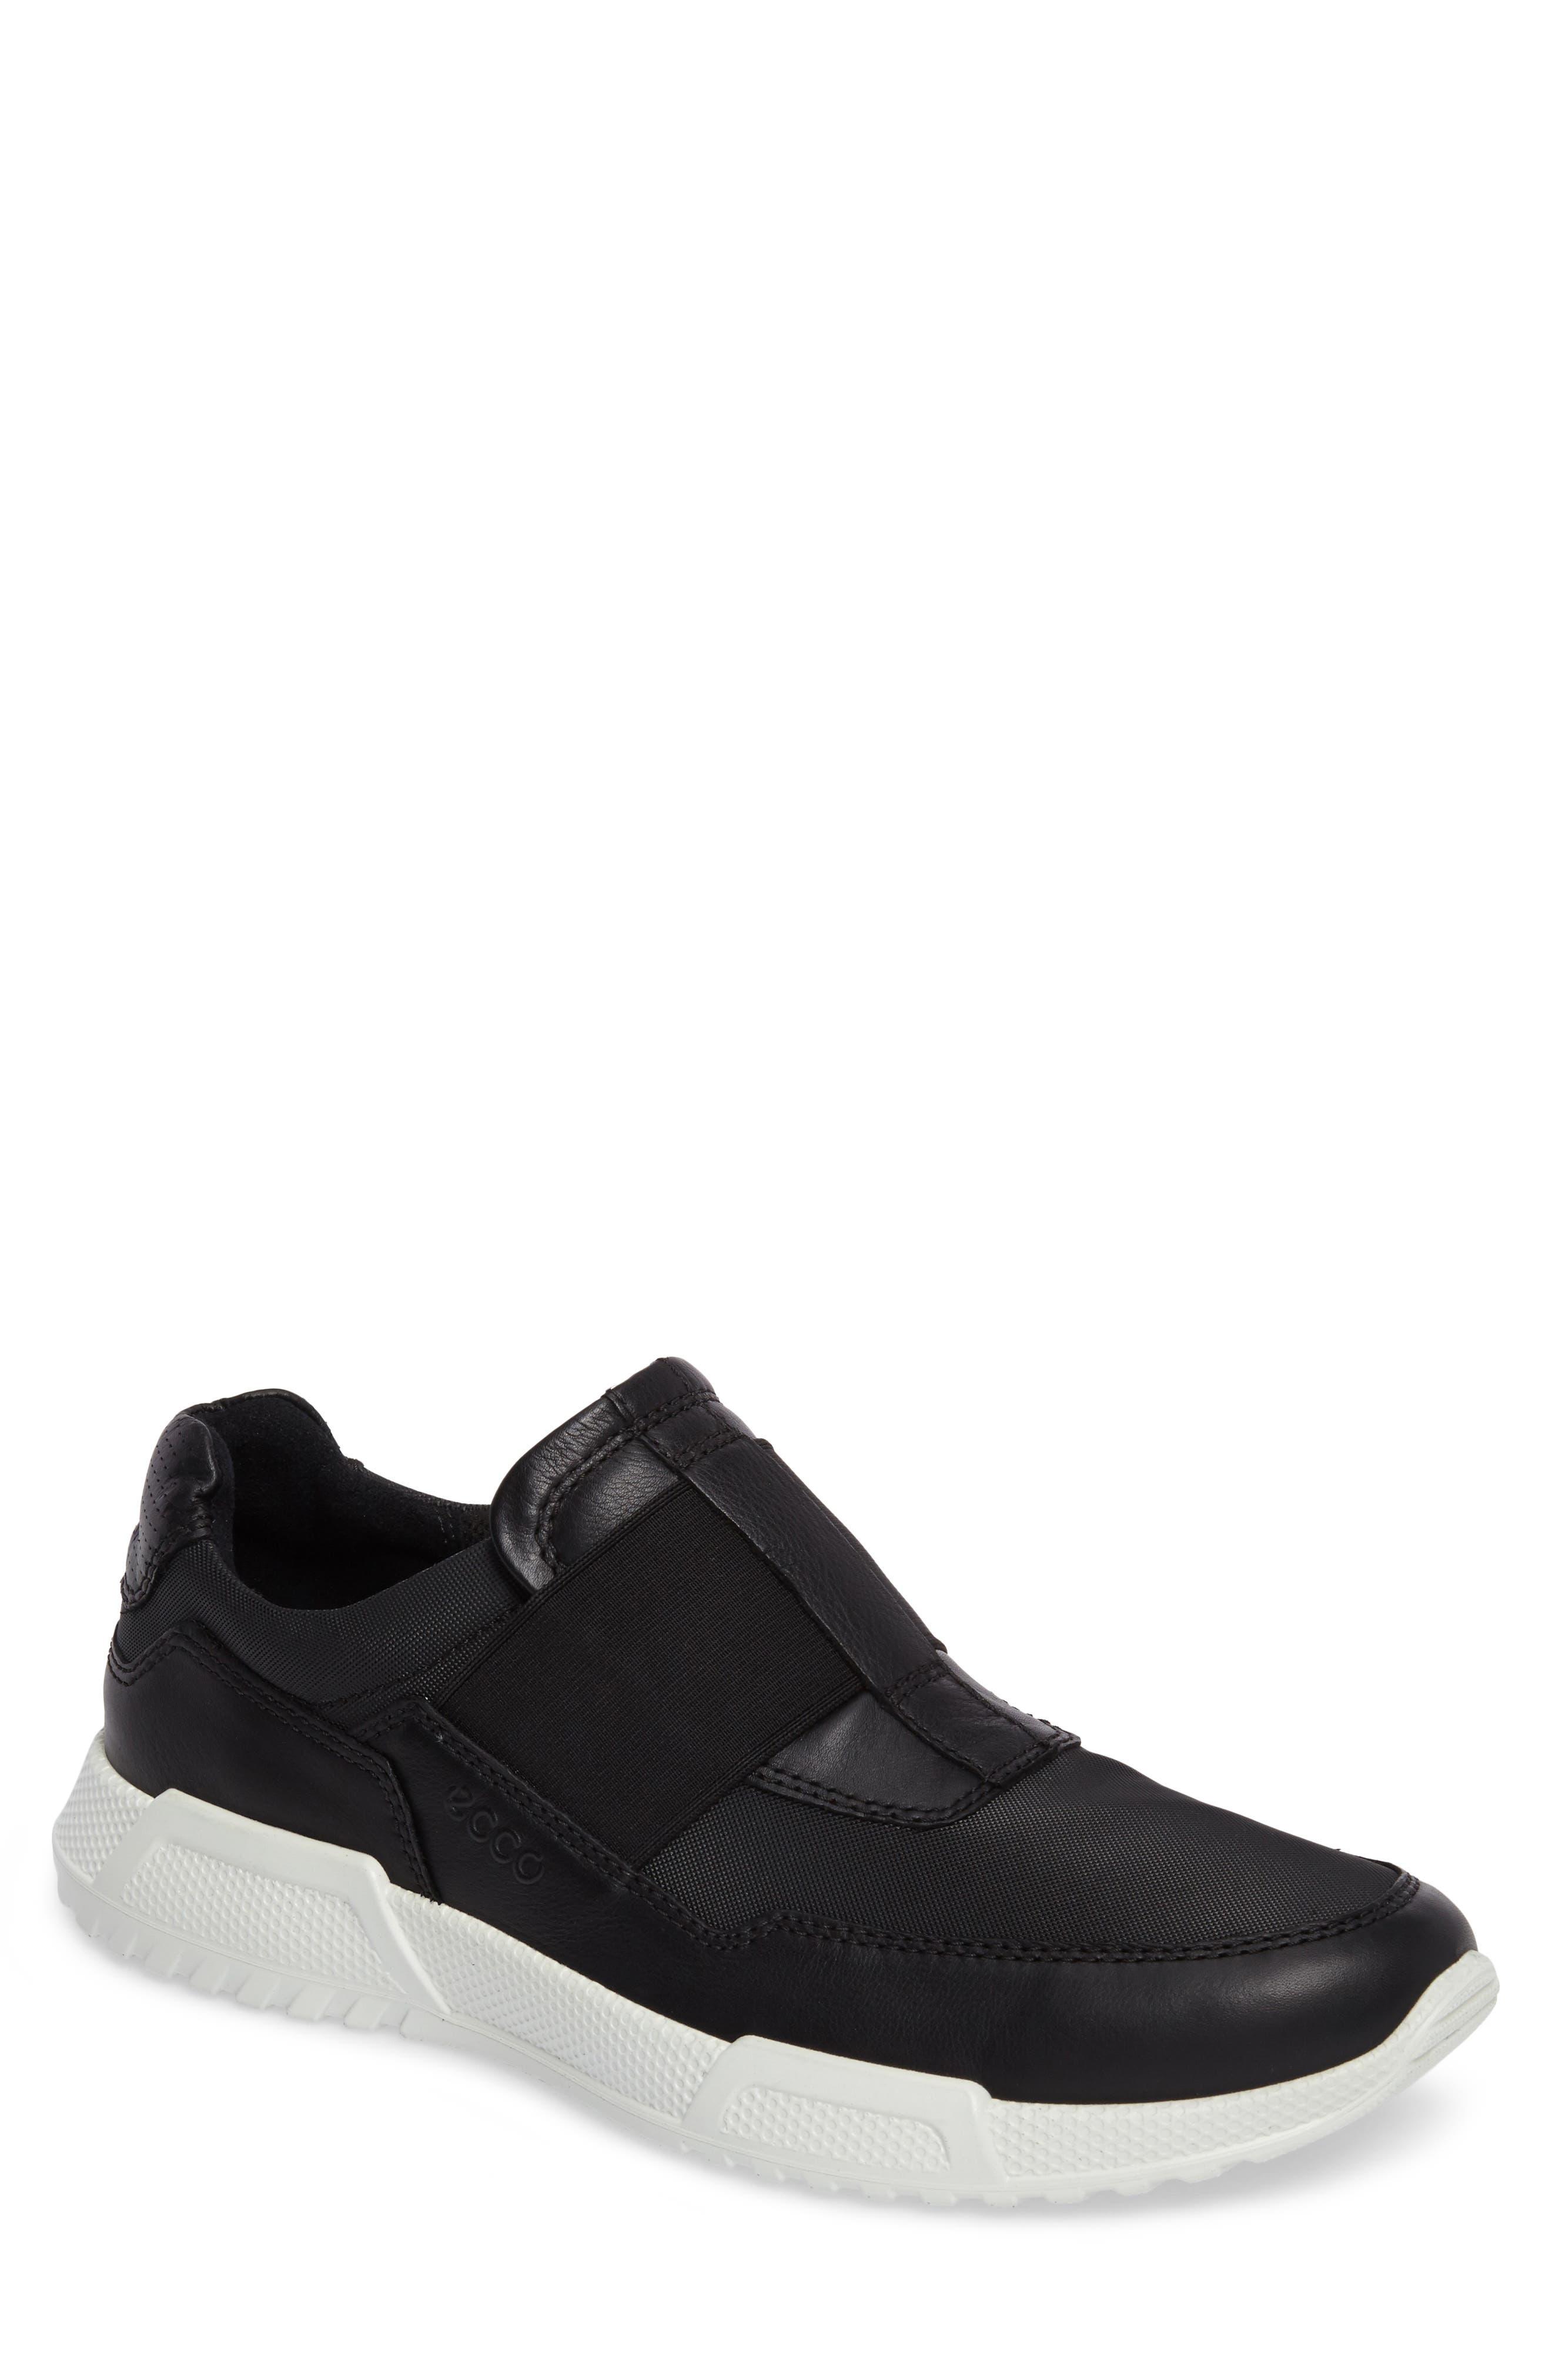 Luca Slip-On Sneaker,                         Main,                         color, 001